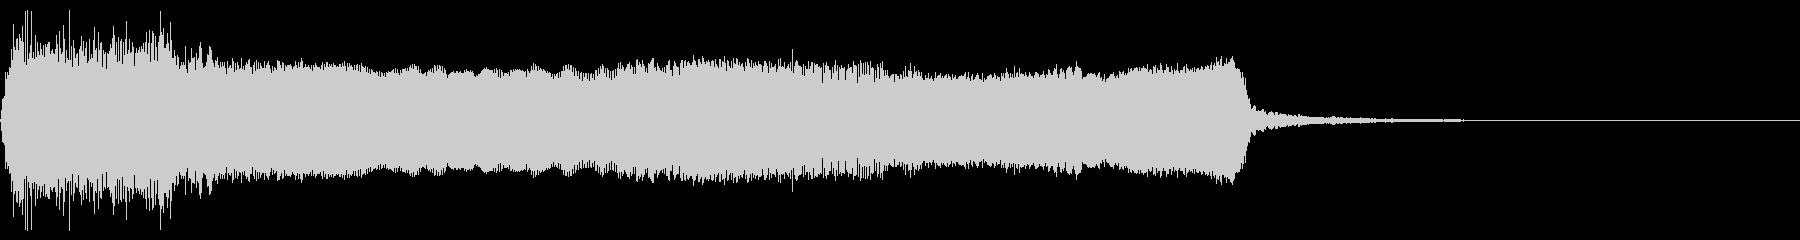 歪んだロックバンパー7の未再生の波形